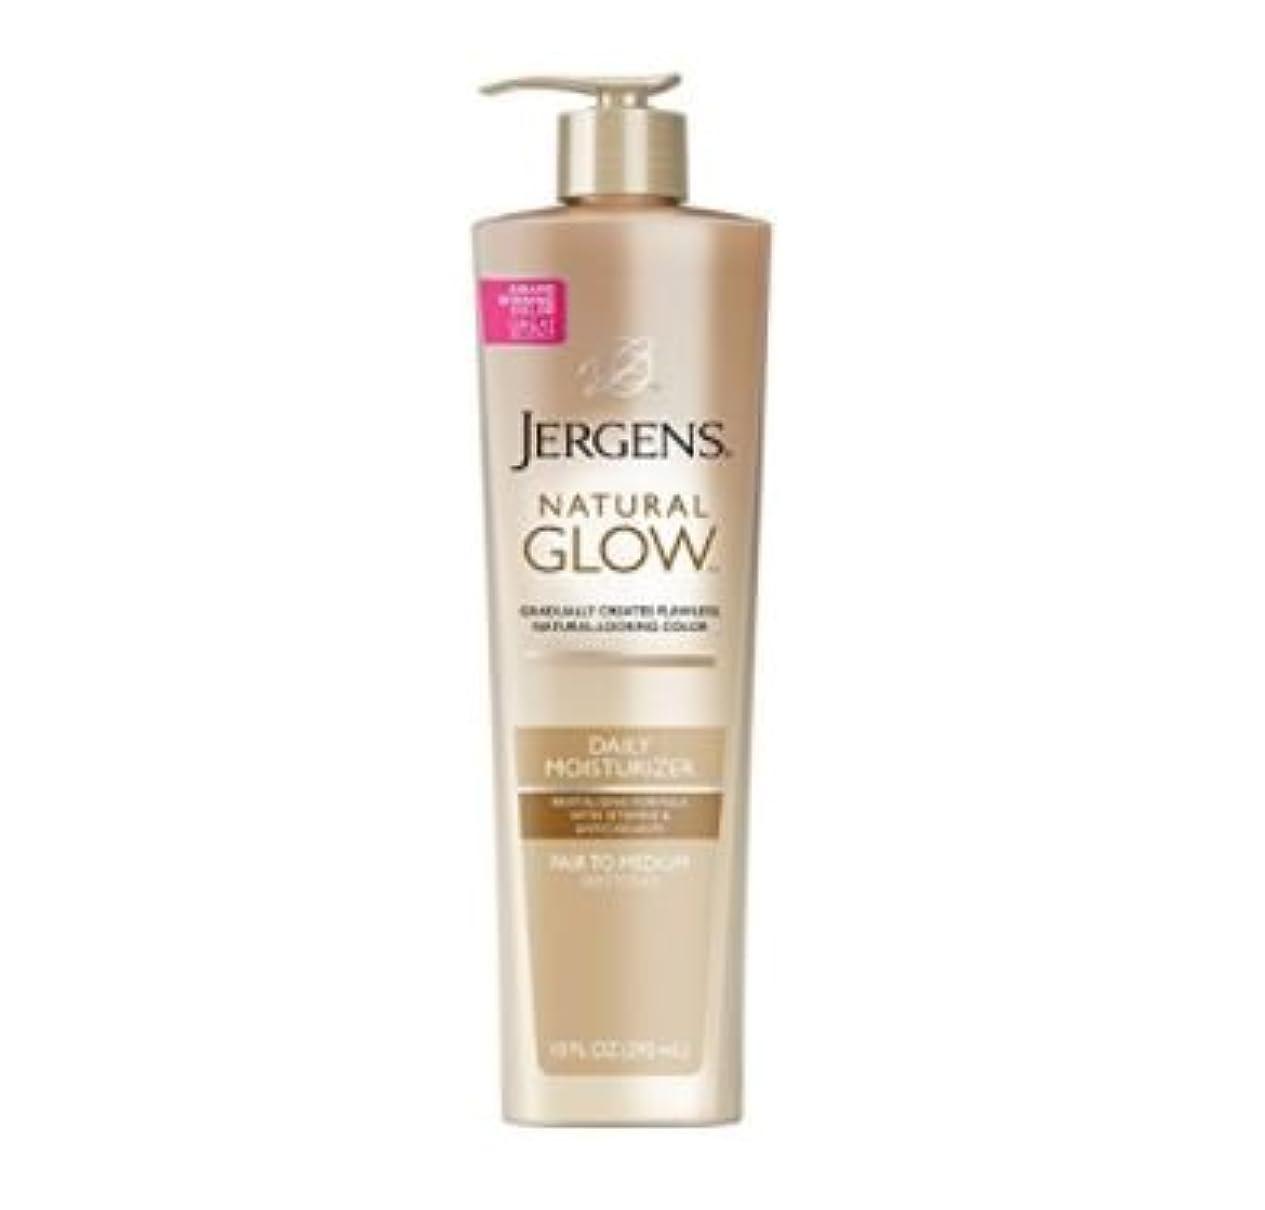 臭い気難しいチャンピオンシップジャーゲンス【ポンプ付き295ml】塗るだけでキレイなブロンズ肌 セルフタンニングローション Jergens Natural Glow ジャーゲンズ (Medium/Tan 普通肌の方用) 海外直送